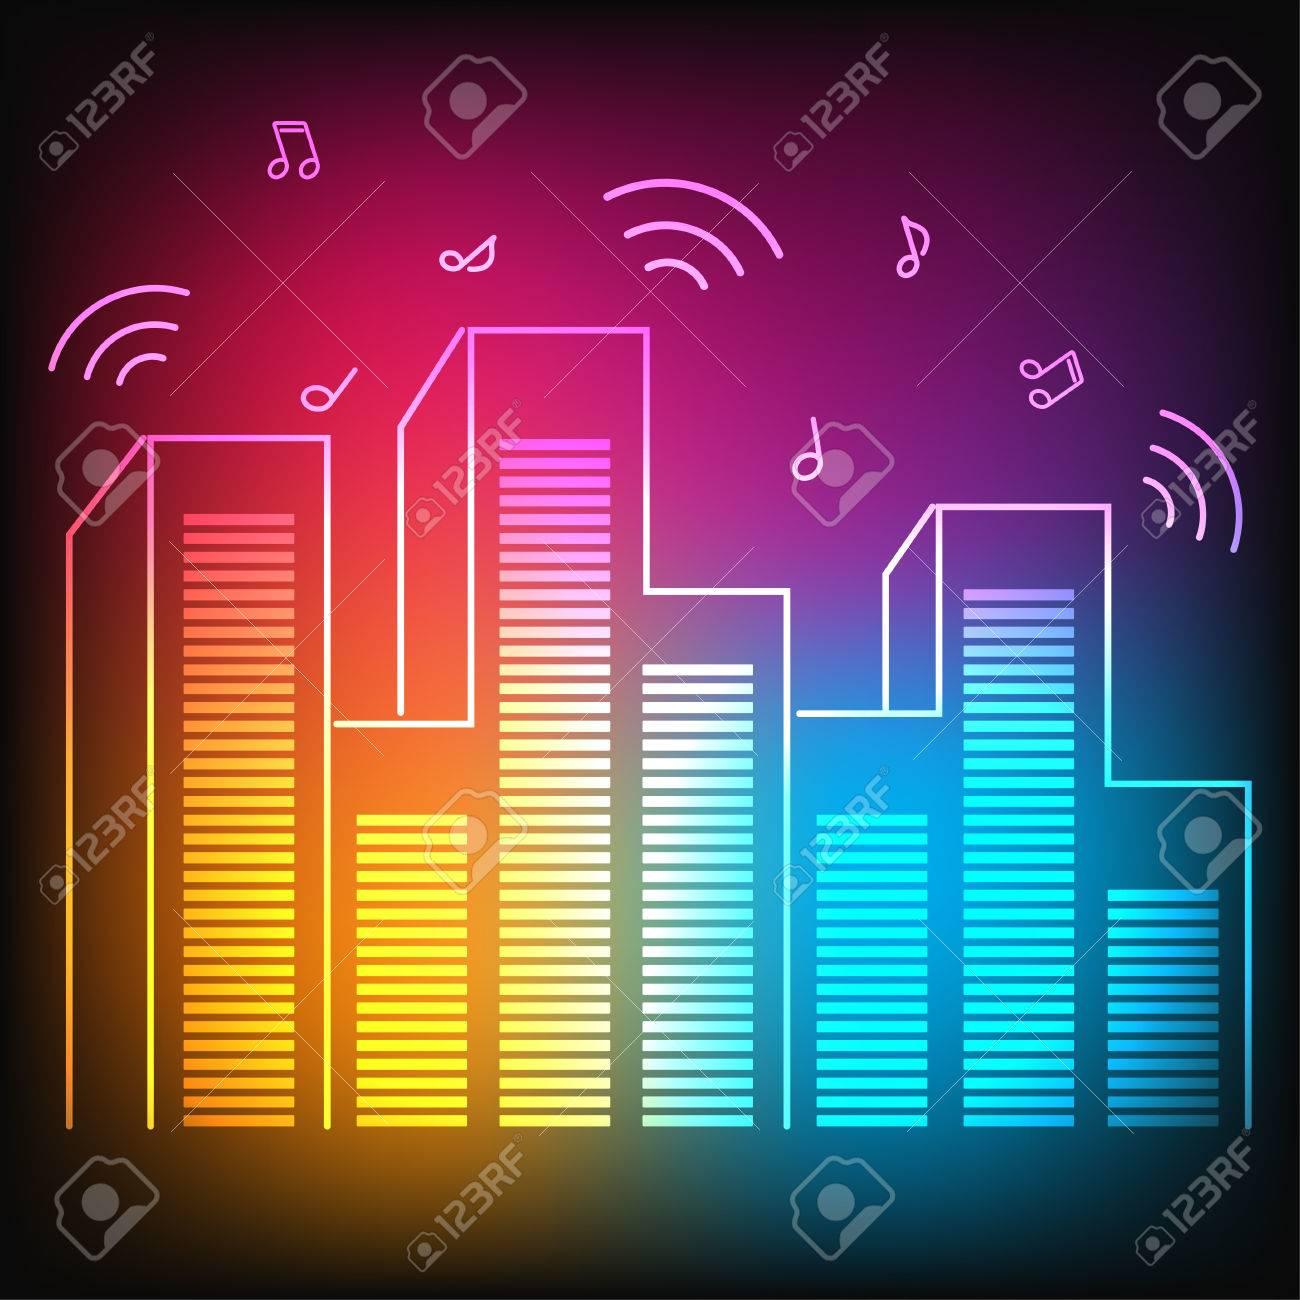 イコライザーの高層ビルと音楽のネオン街のイラスト素材ベクタ Image